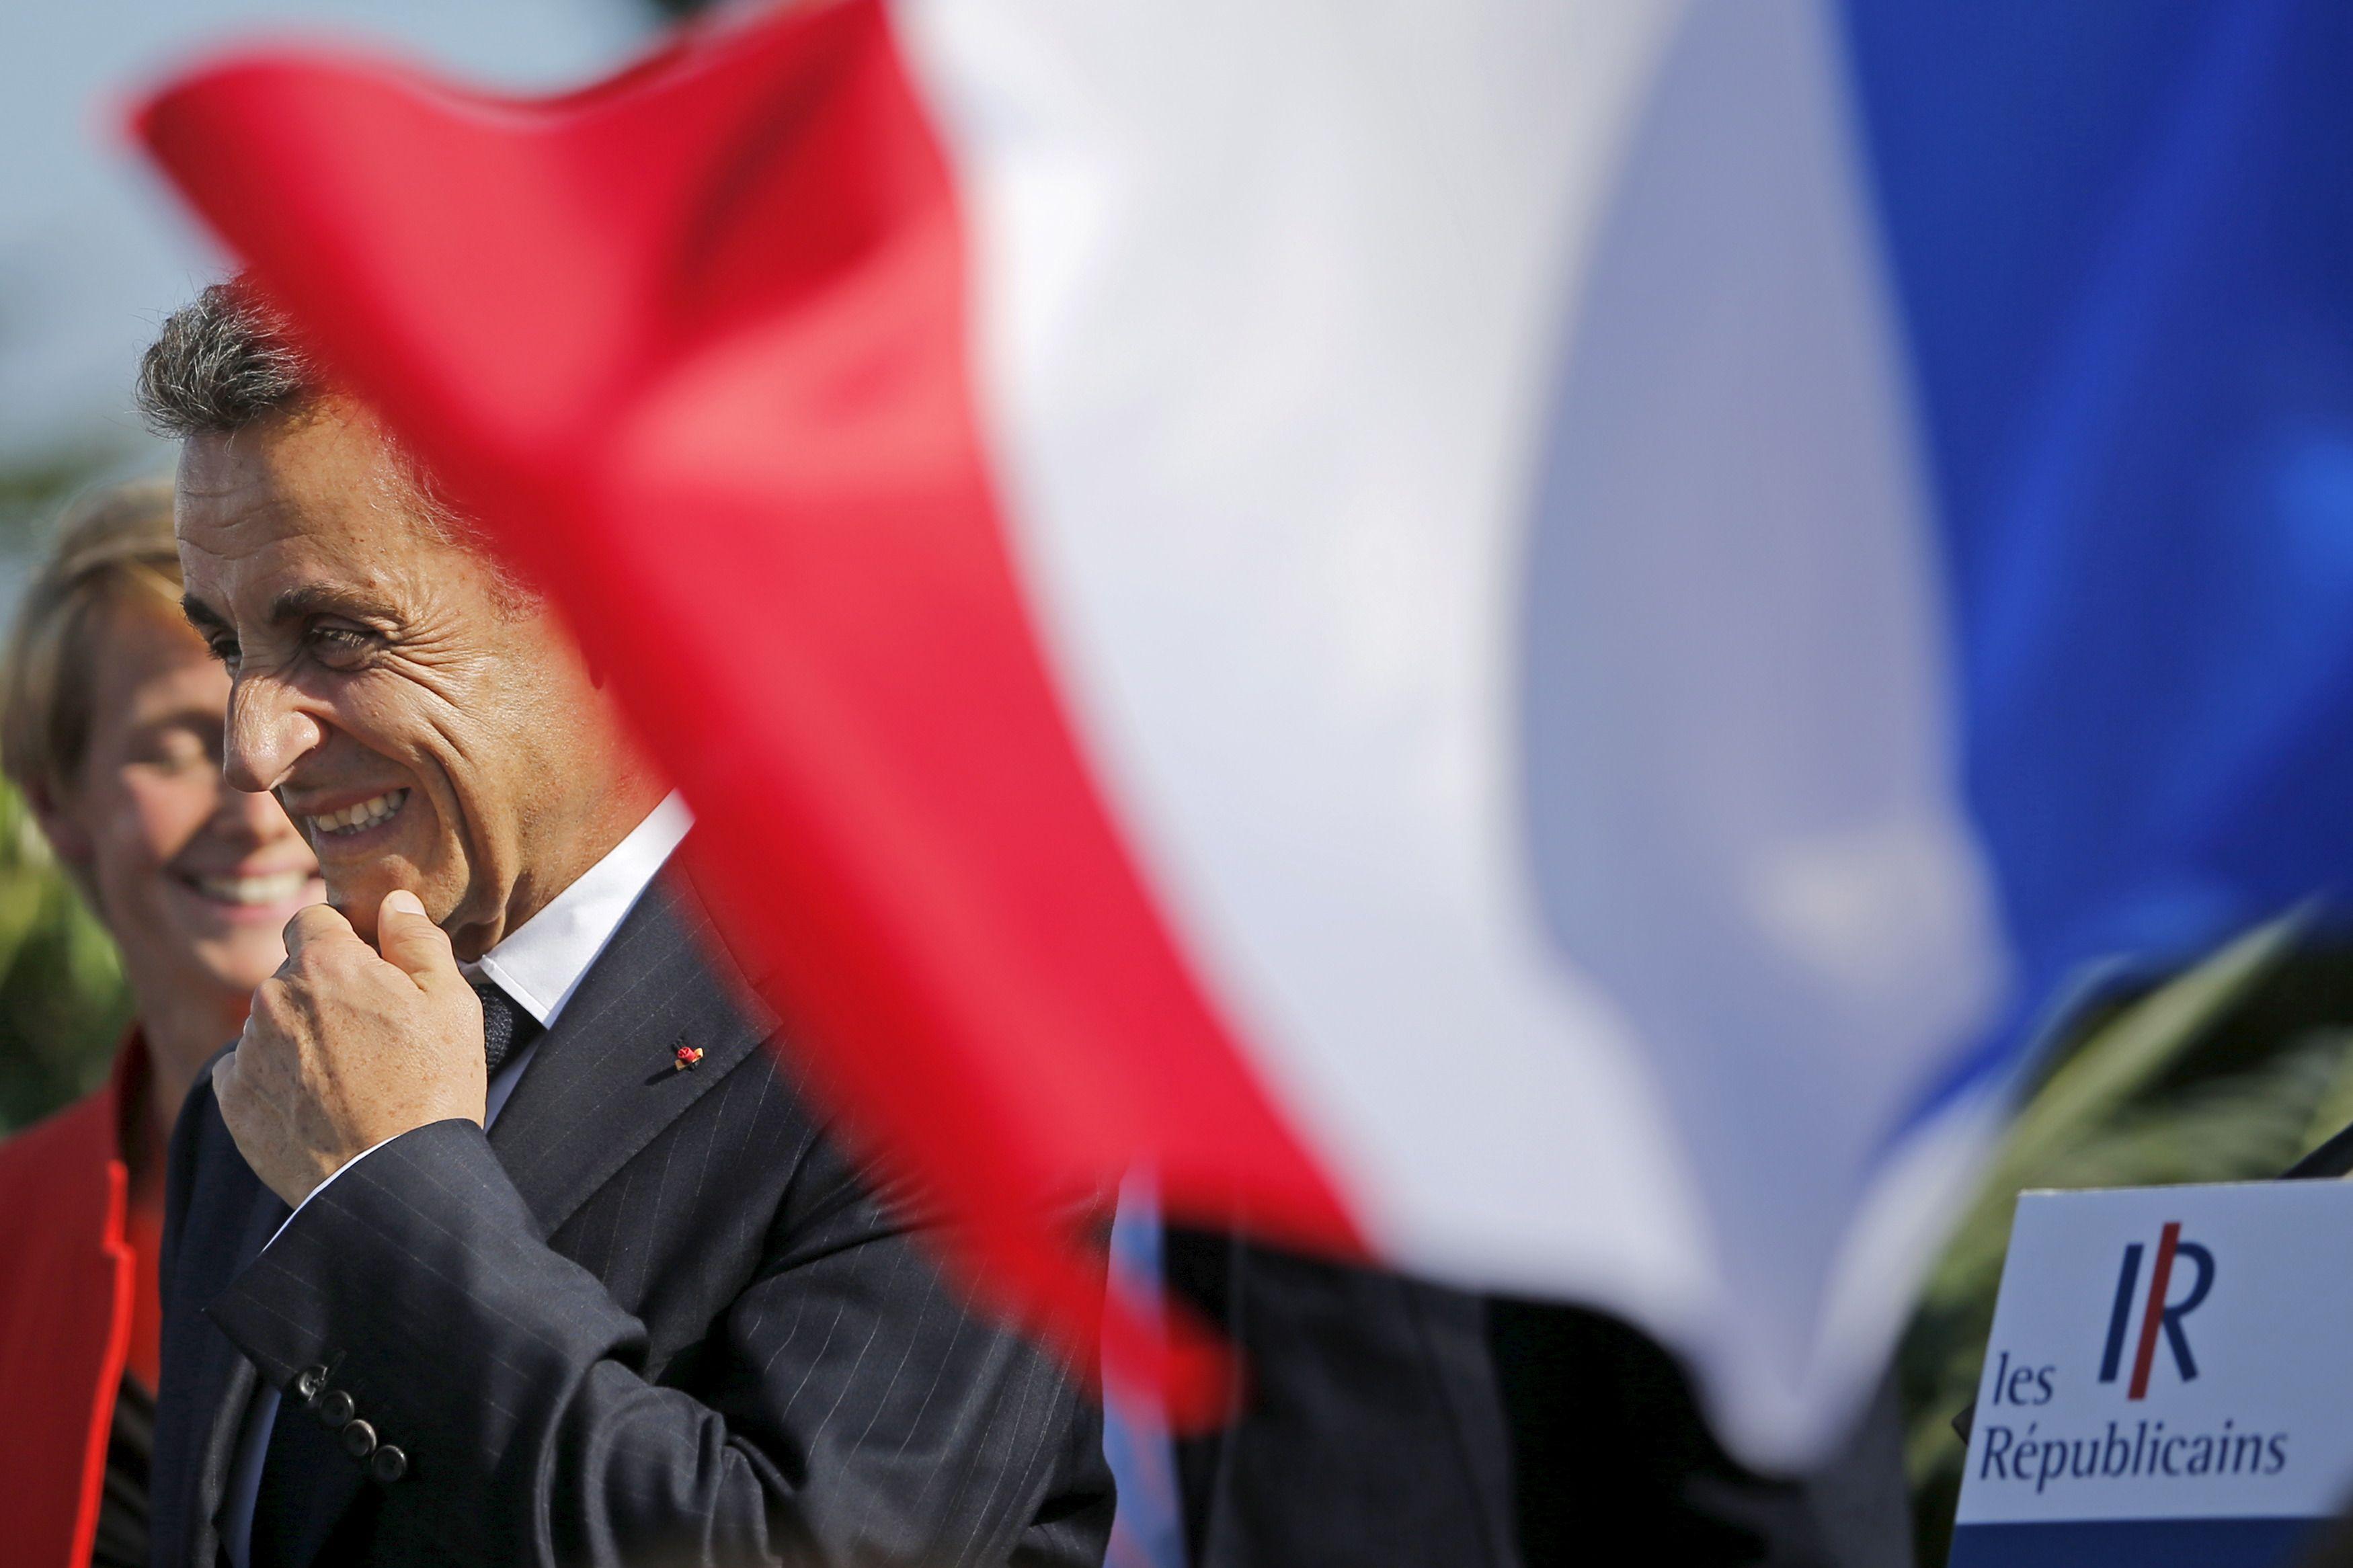 Le thème de l'identité nationale a clairement aidé Nicolas Sarkozy à remporter les élections présidentielles de 2007.